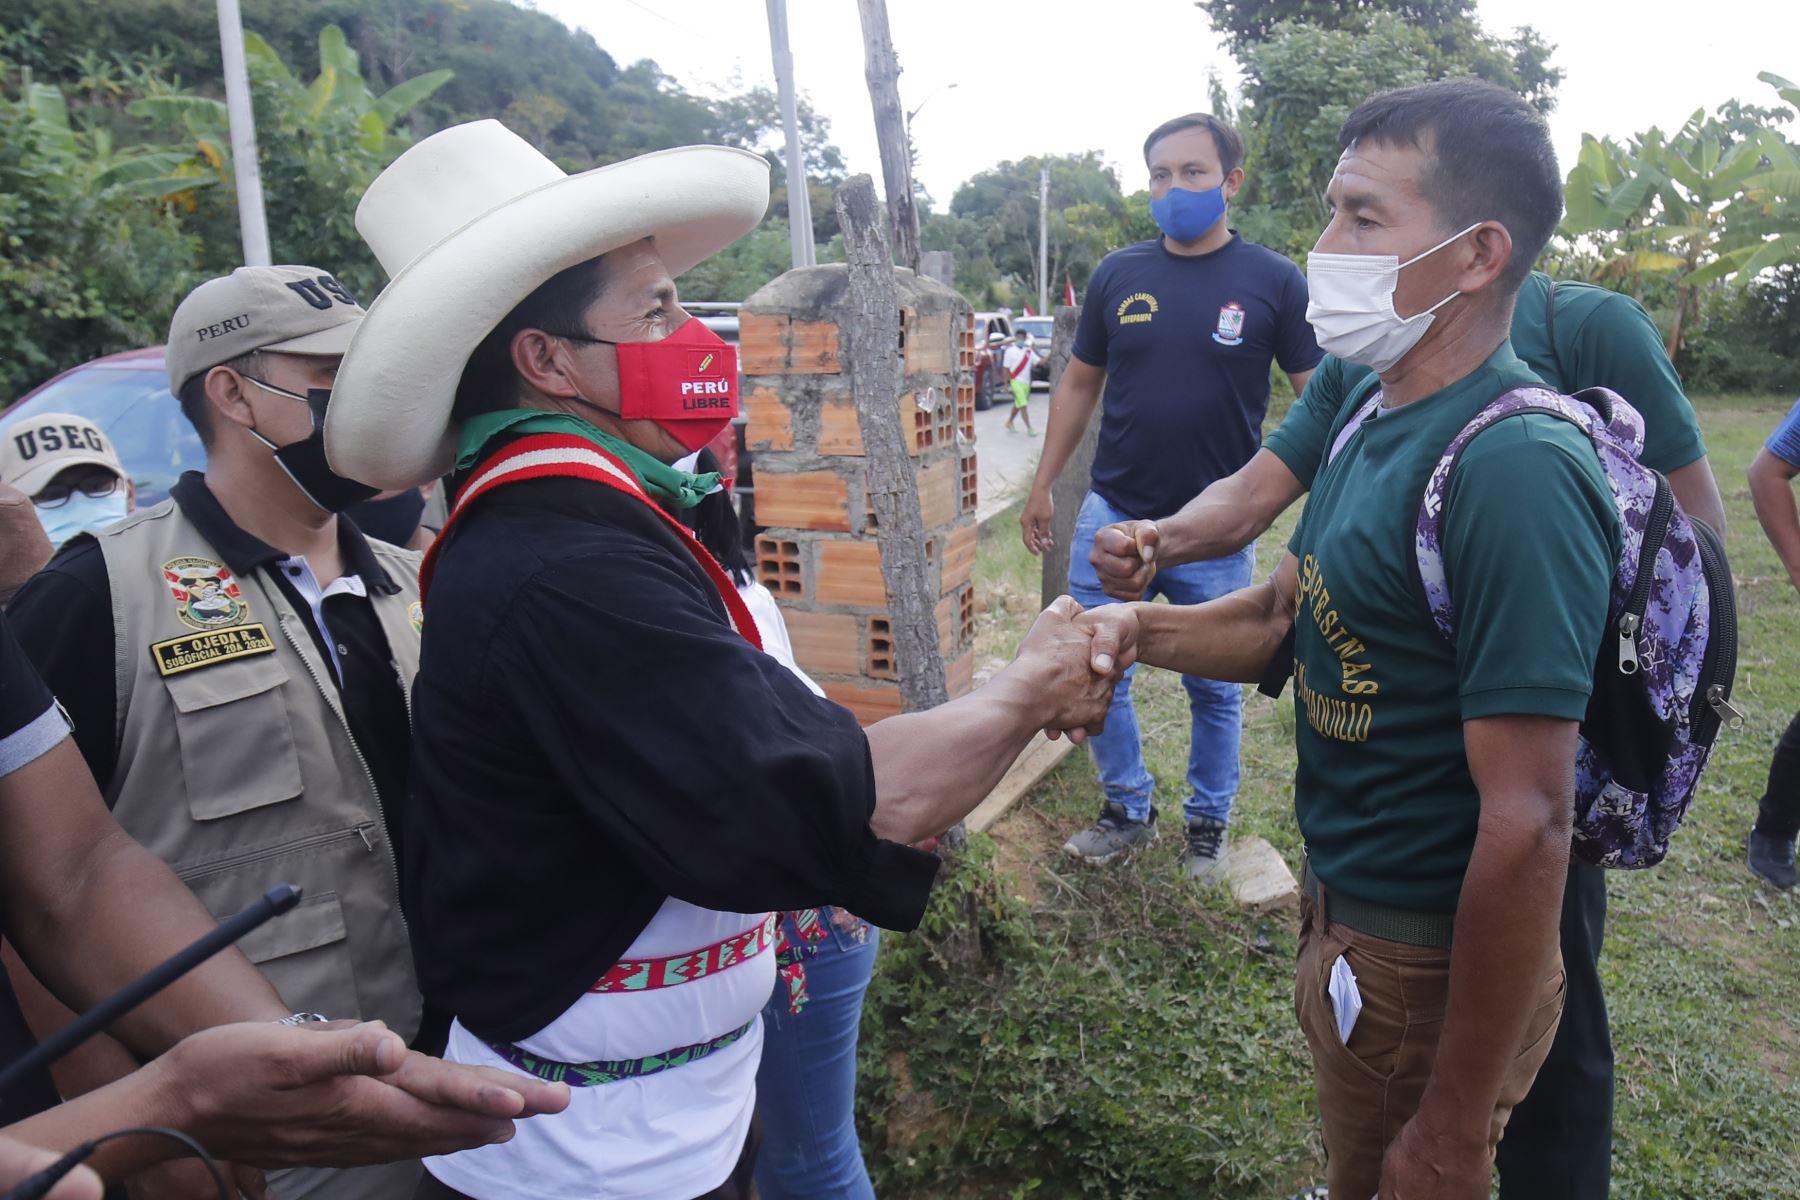 Mitin del candidato de Perú Libre, Pedro Castillo en la ciudad de Lamas, como parte de su agenda en la región San Martín. Foto: ANDINA/Juan Carlos Guzmán